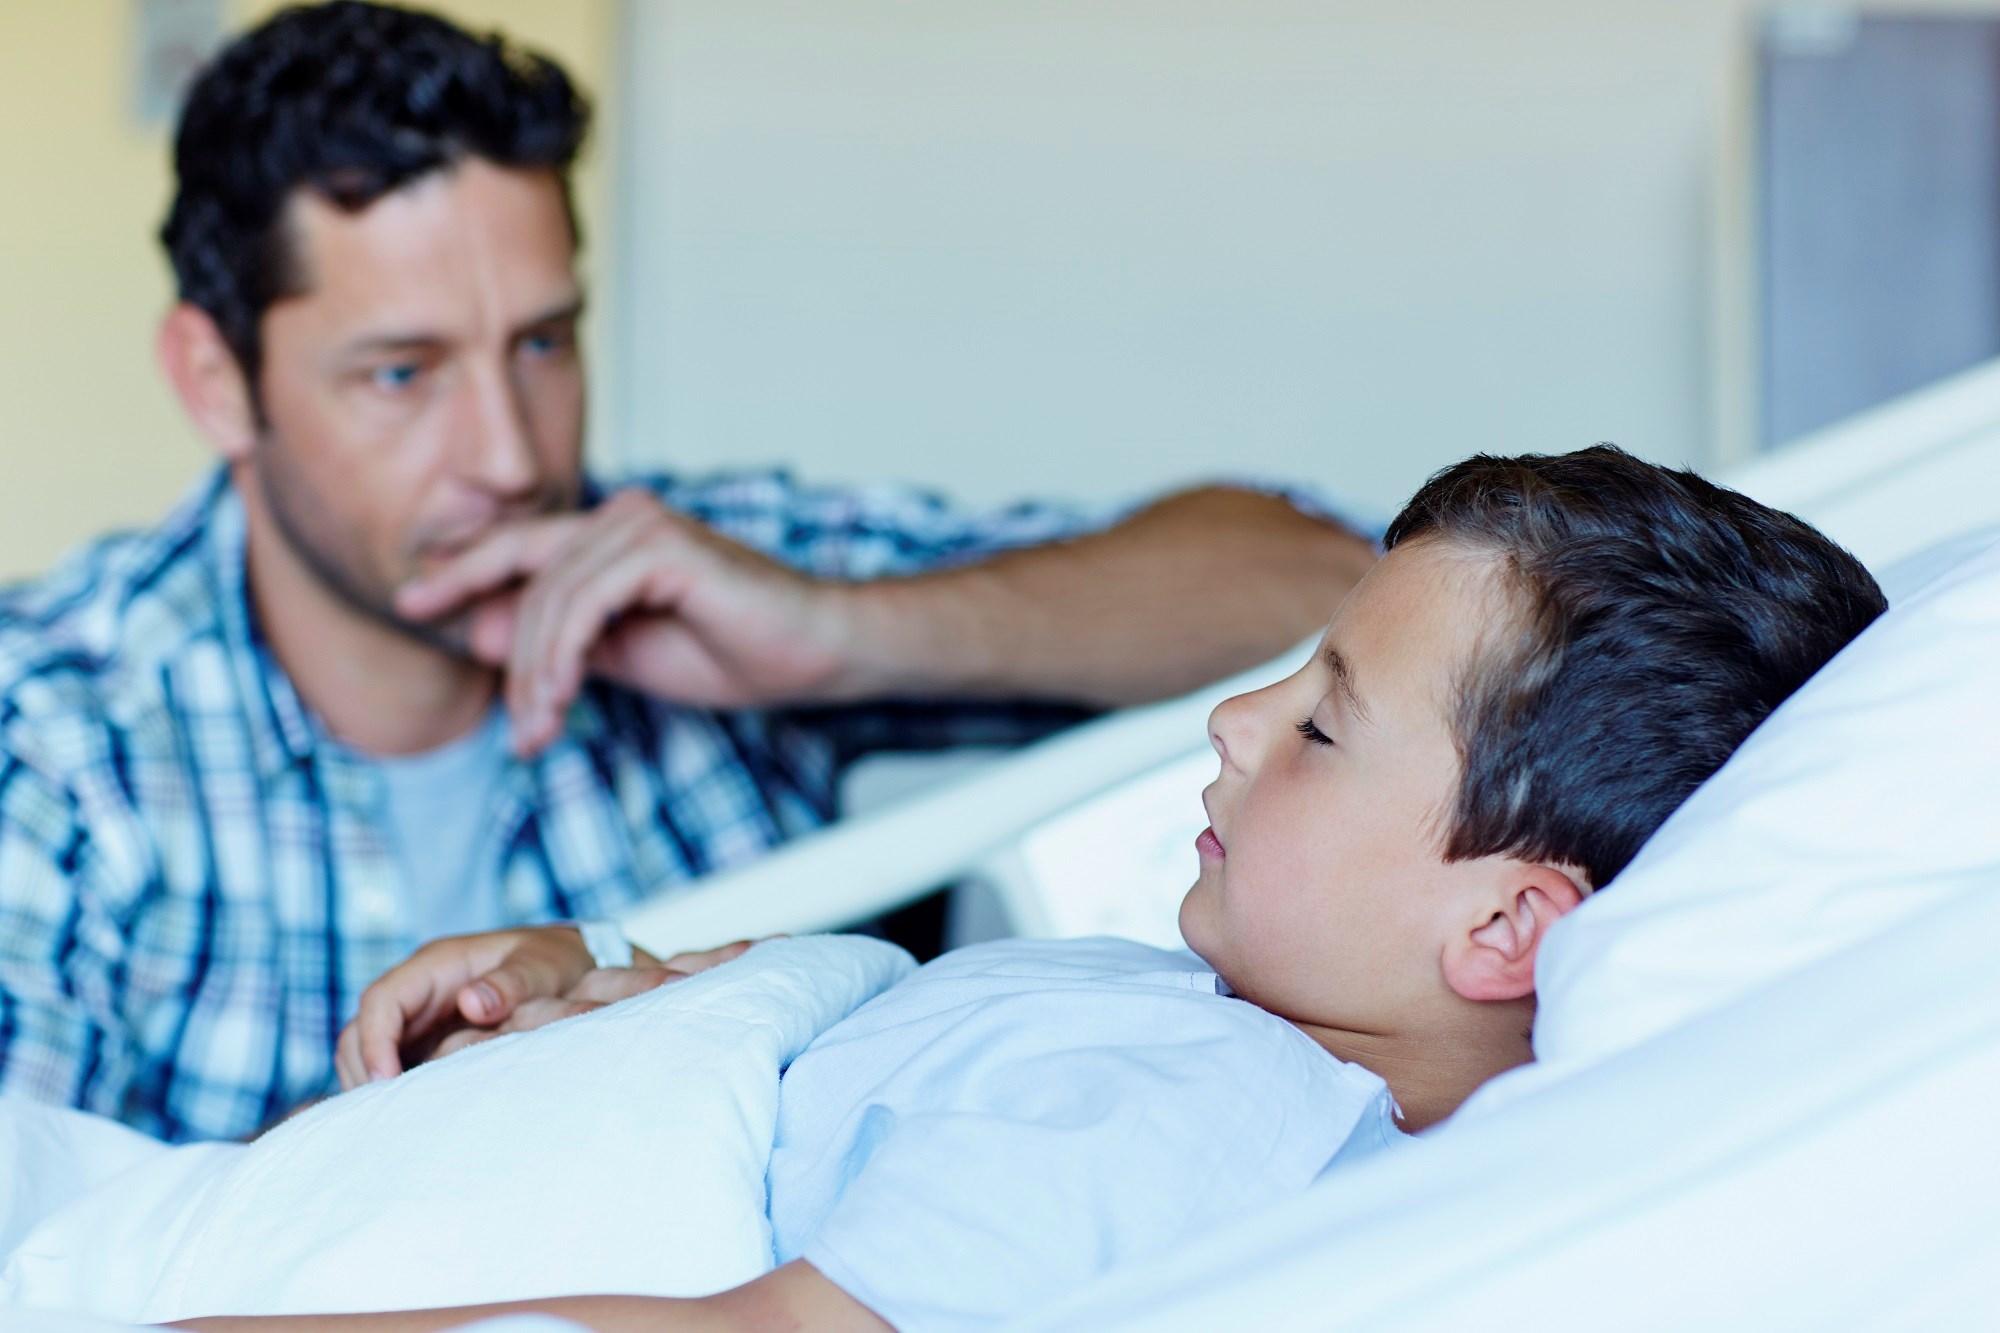 CDC Announces Acute Flaccid Myelitis Task Force